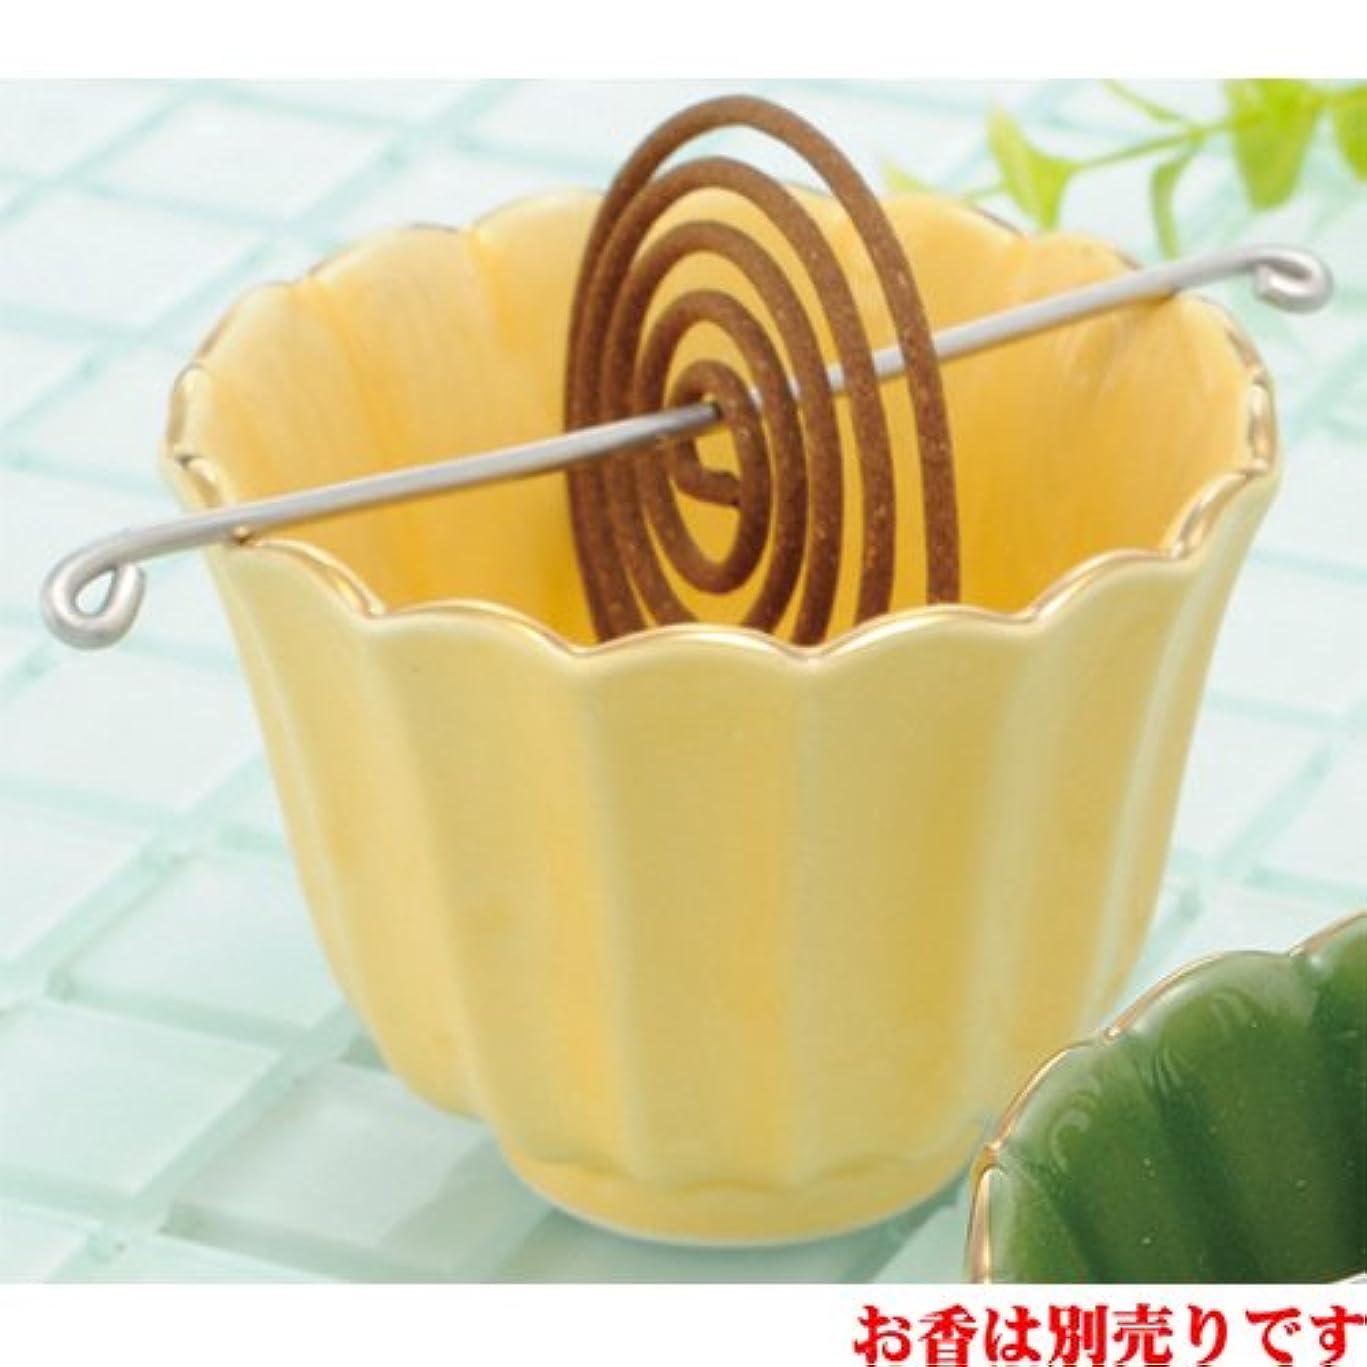 個人機会土地香皿 菊型 香鉢(黄) [R8xH6.3cm] プレゼント ギフト 和食器 かわいい インテリア